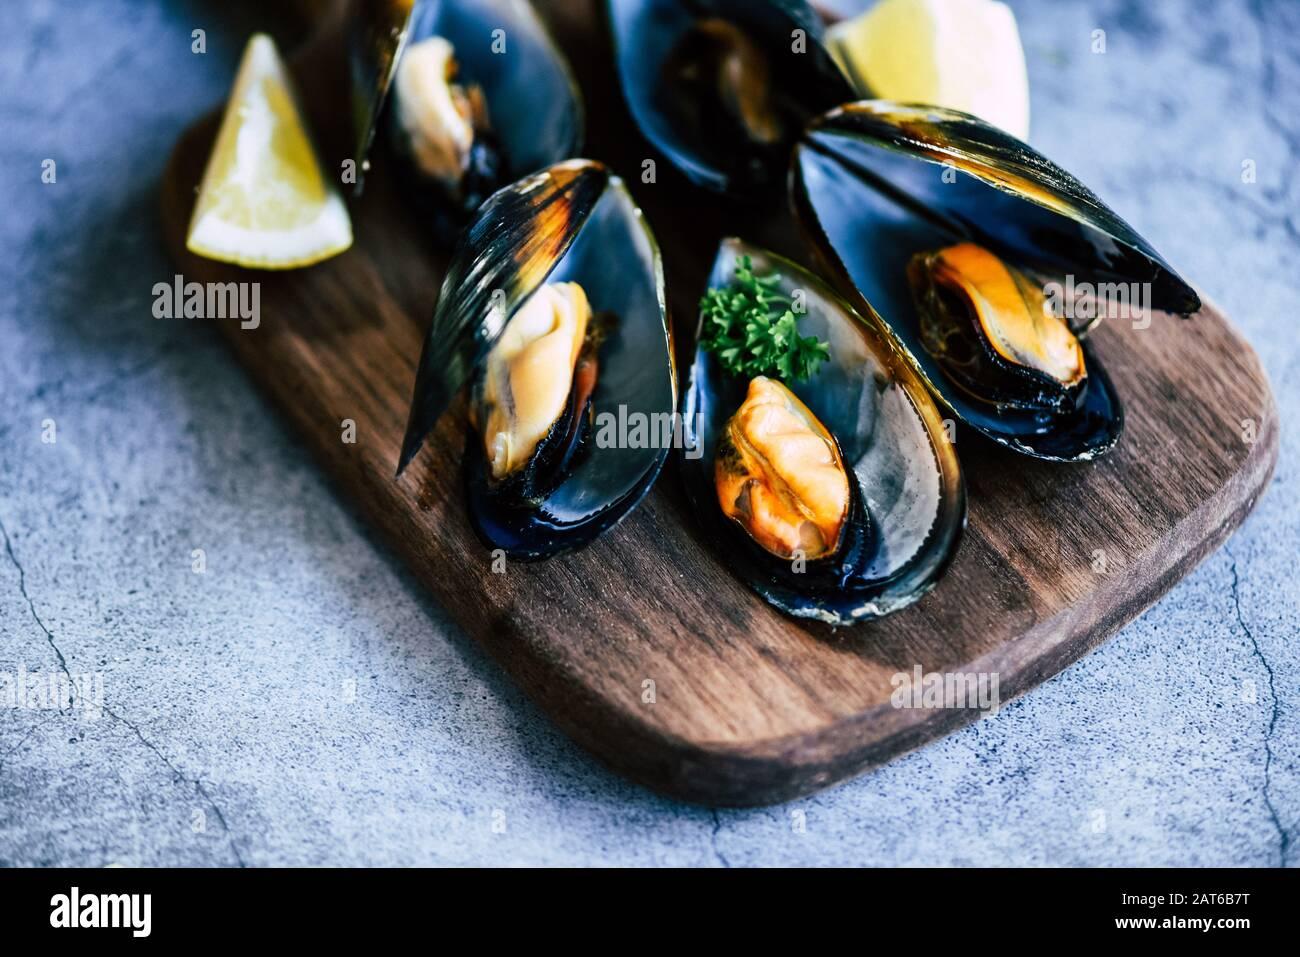 Moules cuites aux herbes fond de citron et de plaque sombre / fruits De mer Frais crustacés sur planche à découper en bois dans le restaurant moules shell alimentaire Banque D'Images